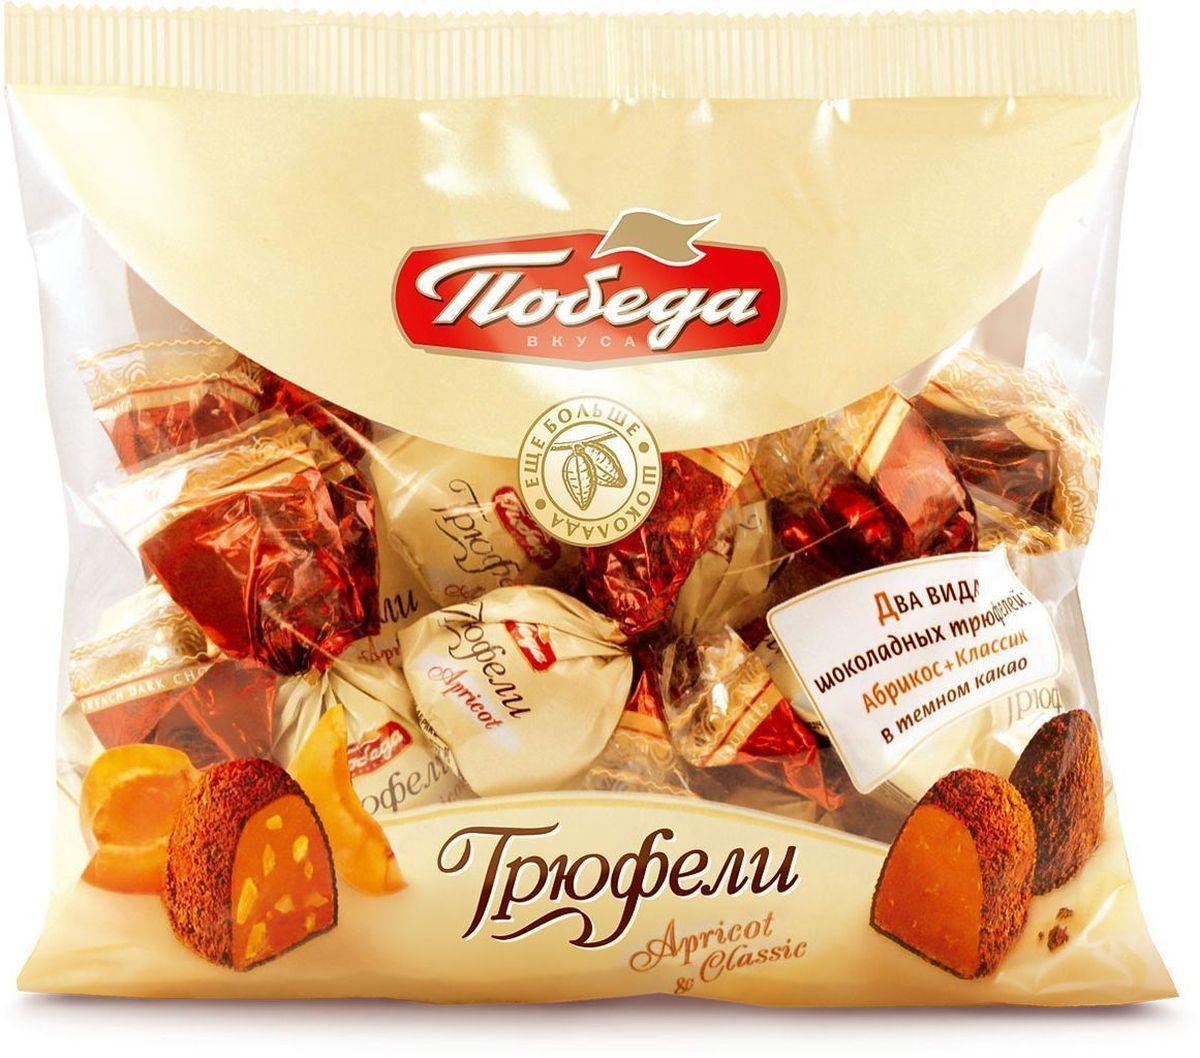 Победа вкуса Трюфели Абрикос + Классик два вида шоколадных трюфелей в темном какао, 250 г baron французские трюфели с кусочками малины 100 г